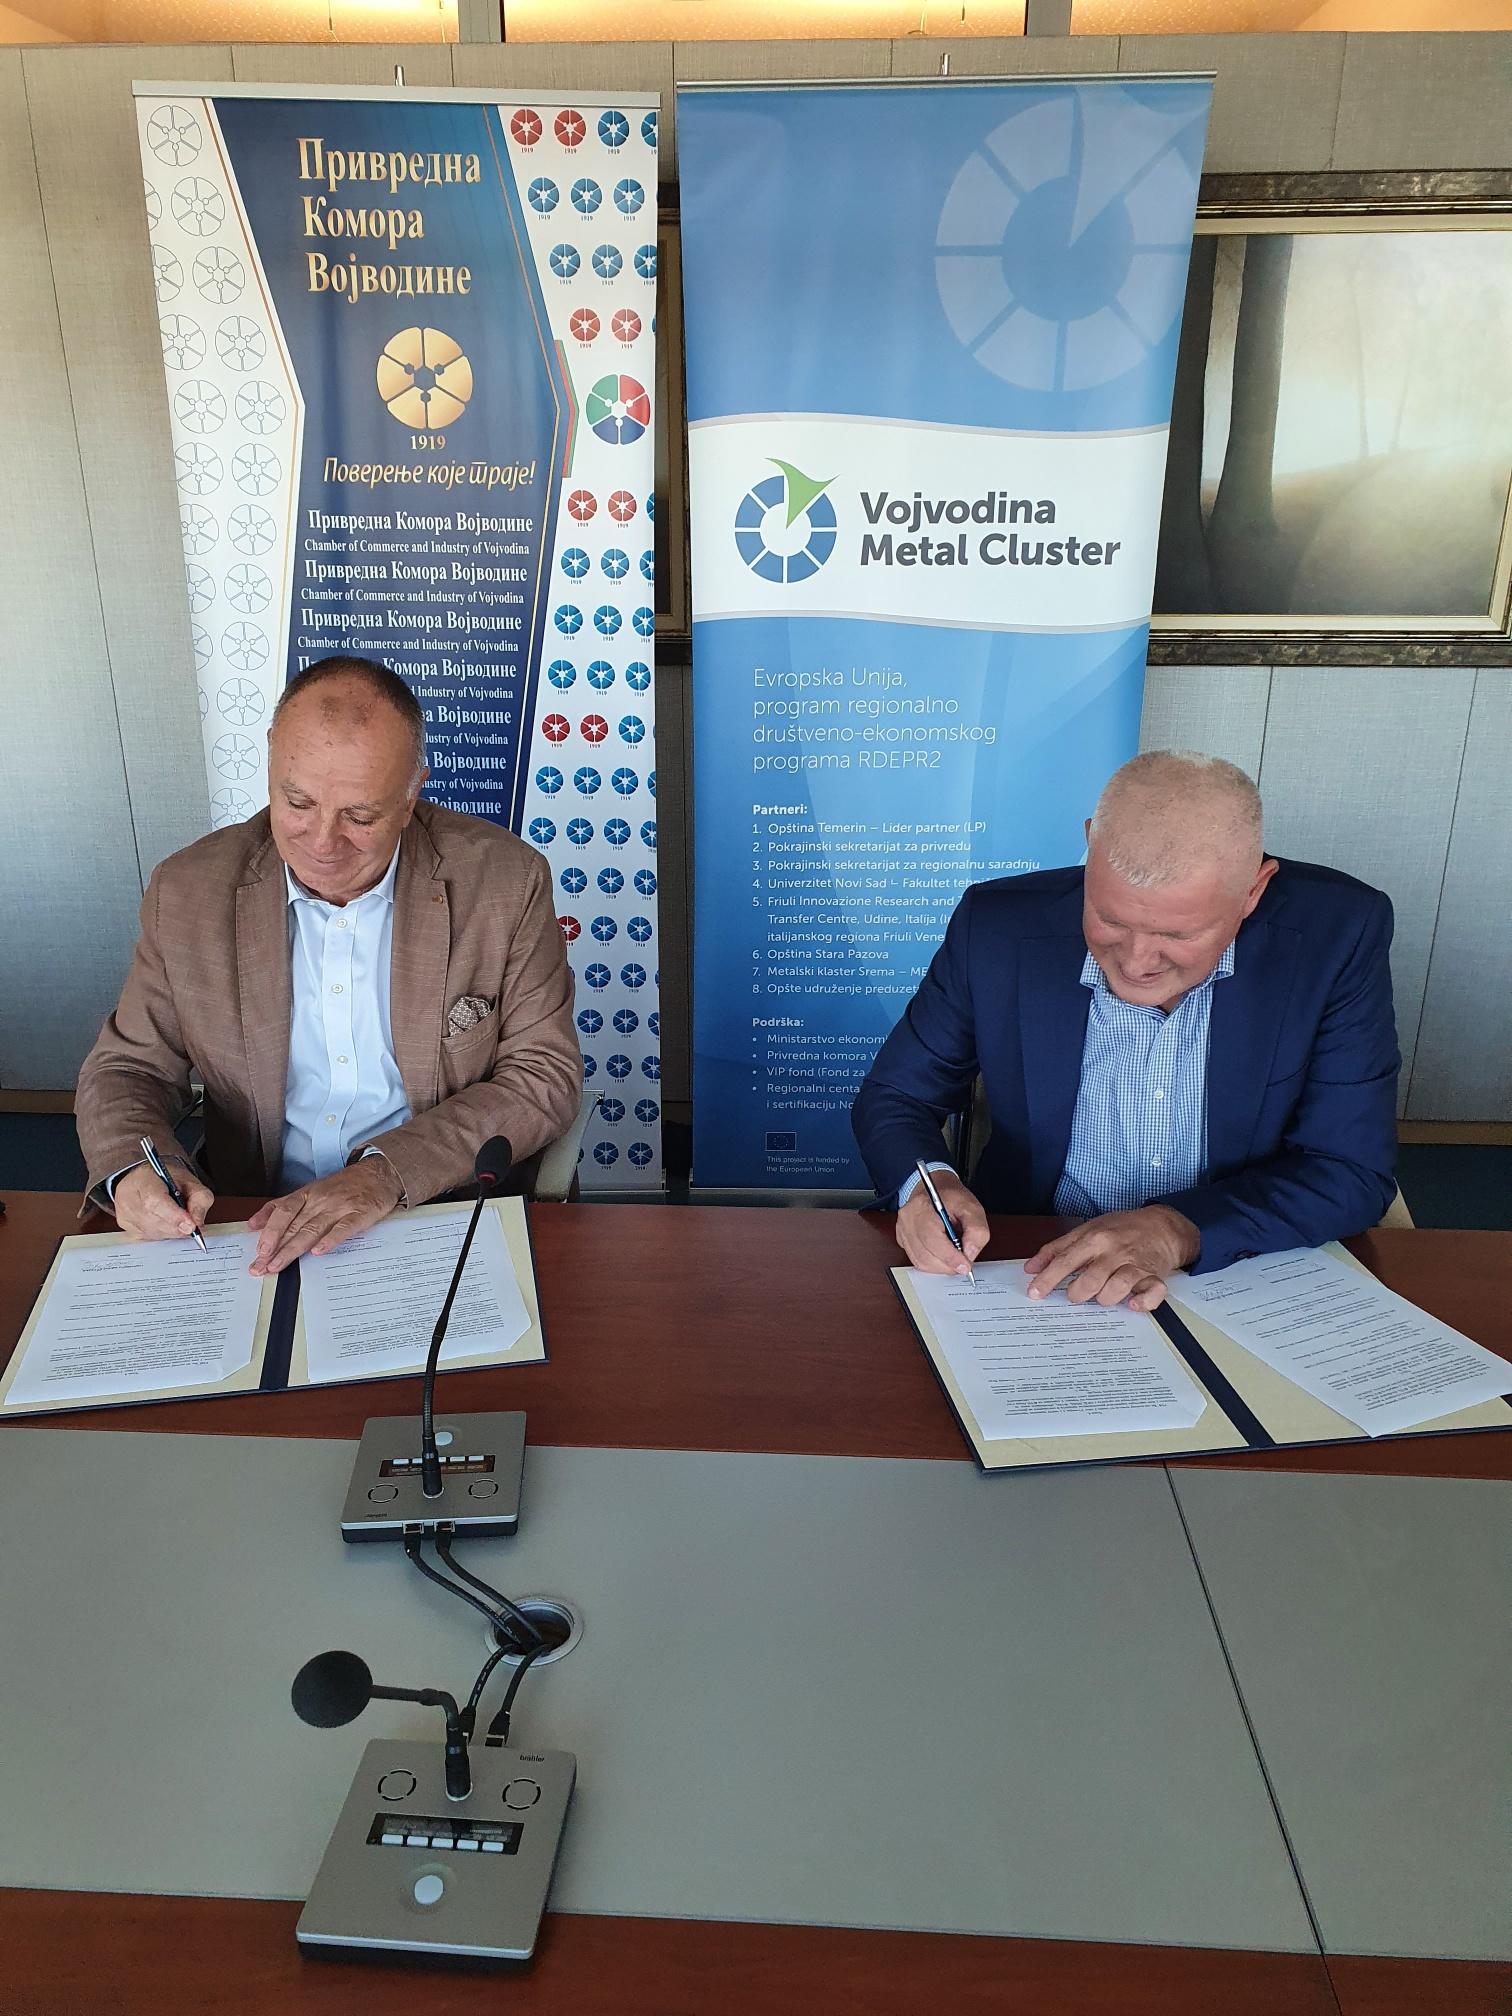 Потписан уговор између Привредне коморе Војводине и Војводина Метал Кластера  о заједничким активностима за израду студије о стању и перспективама металске /машинске индустрије